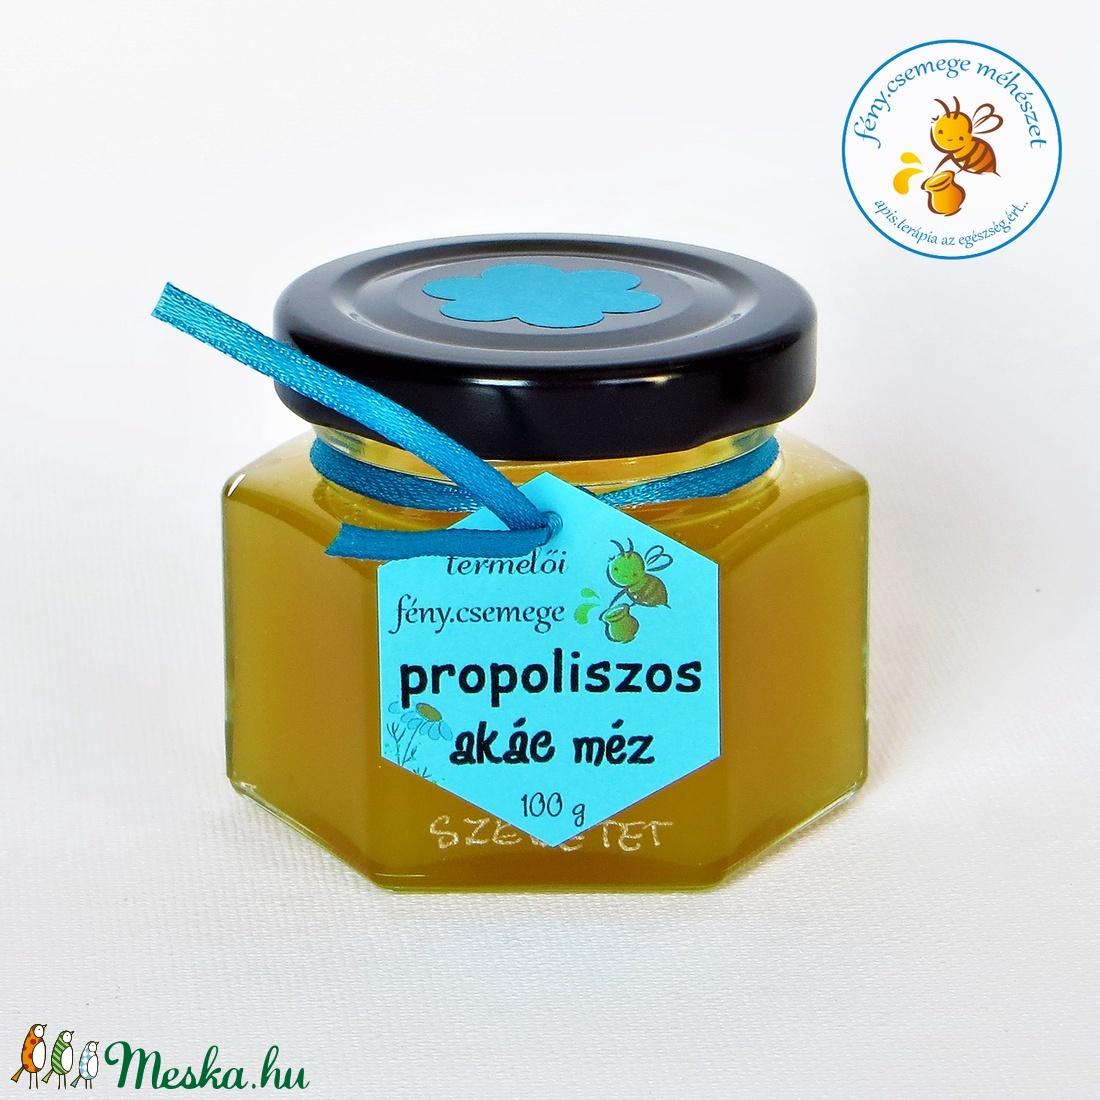 propoliszos akác méz 100 g (fenycsemege) - Meska.hu